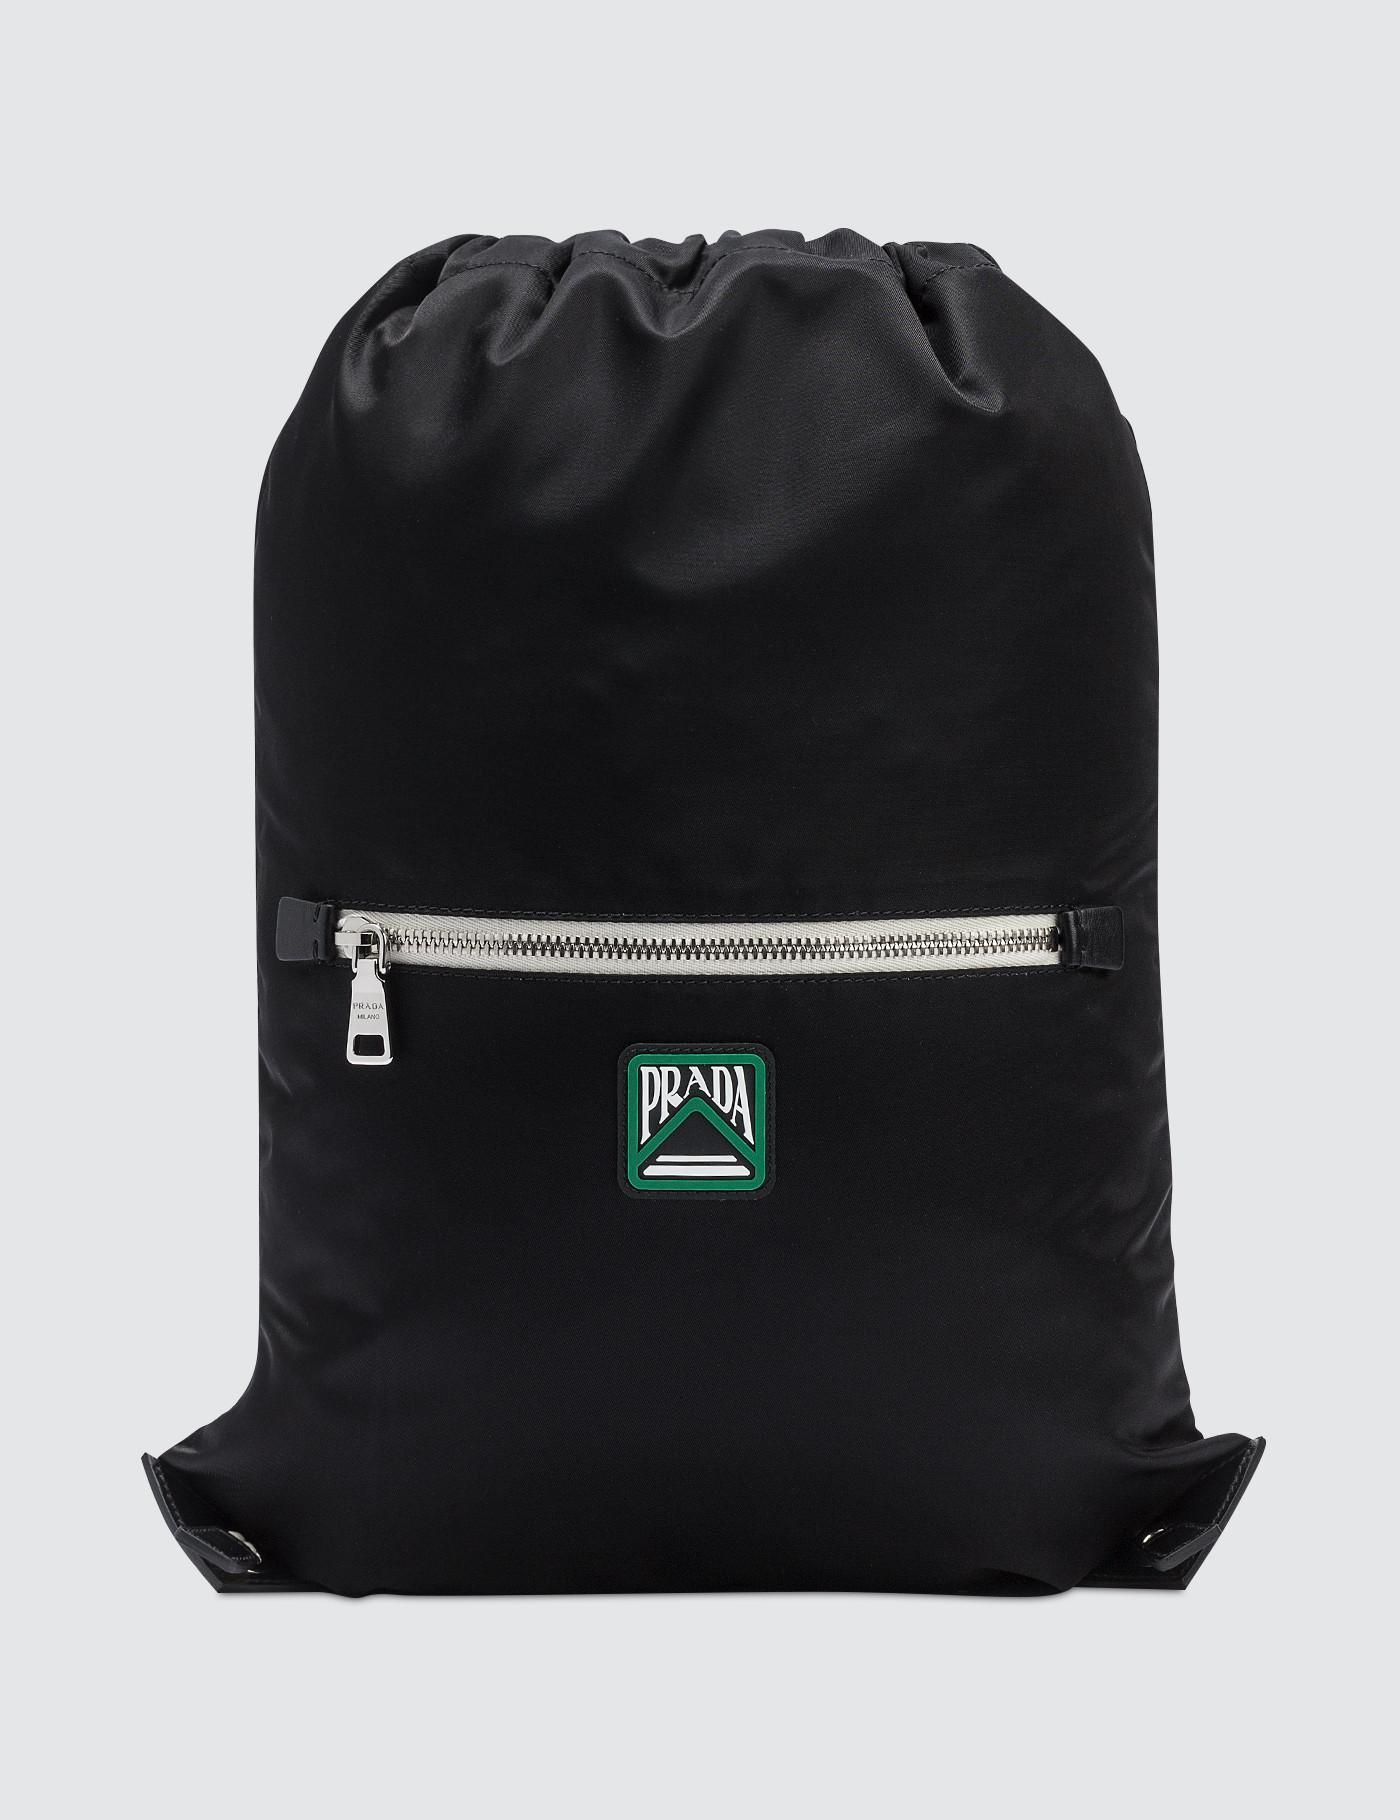 0126e75d7540 Prada - Black Nylon Logo Drawstring Backpack for Men - Lyst. View fullscreen